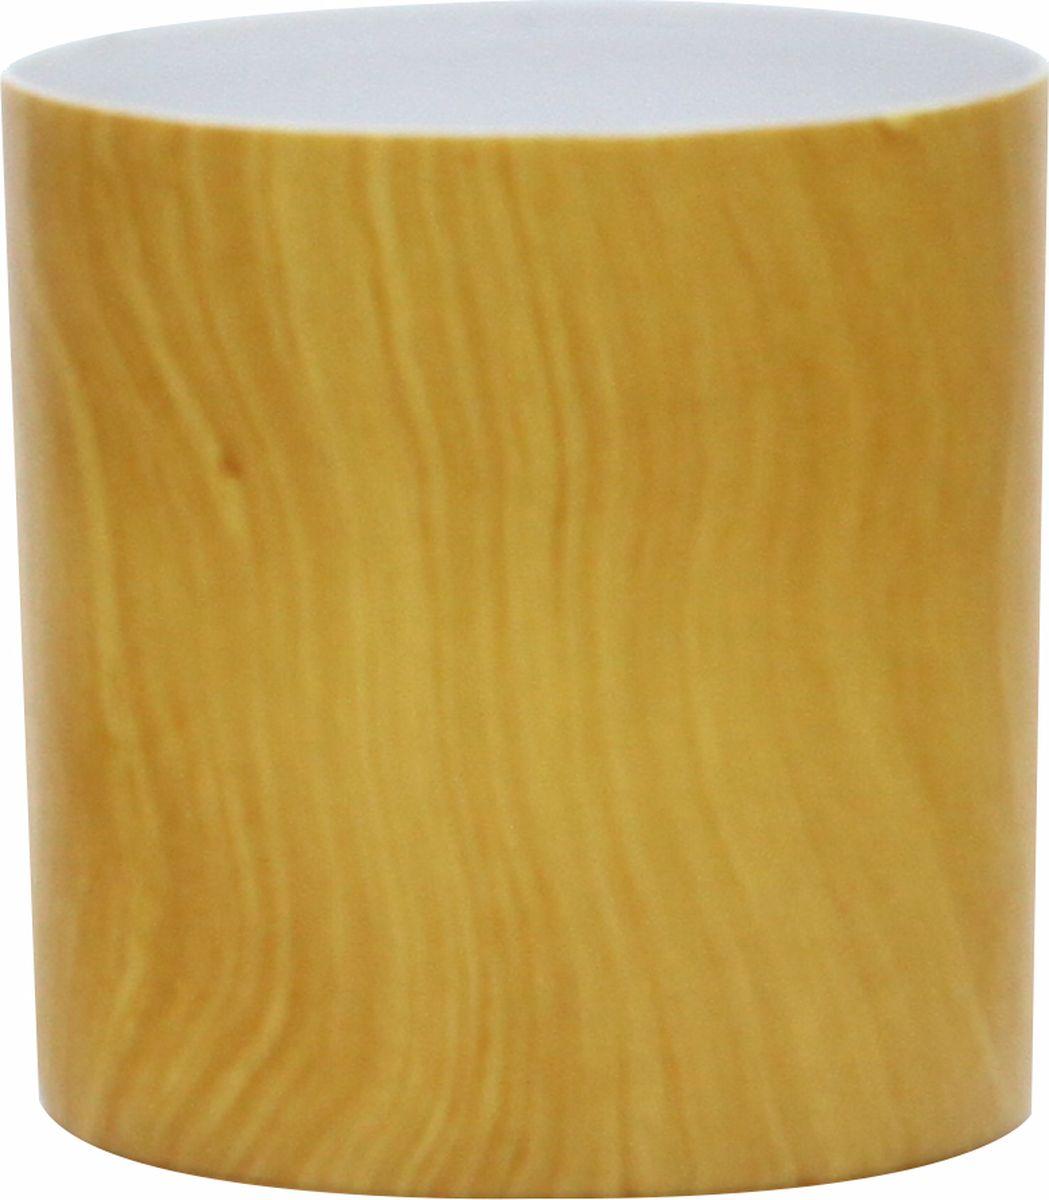 Подсвечник Proffi Песчаная буря, цвет: бежевый, высота 6,5 см1073482EФарфоровый Подсвечник Песчанная буря, диаметр 6,3 см, высота 6,5 см.